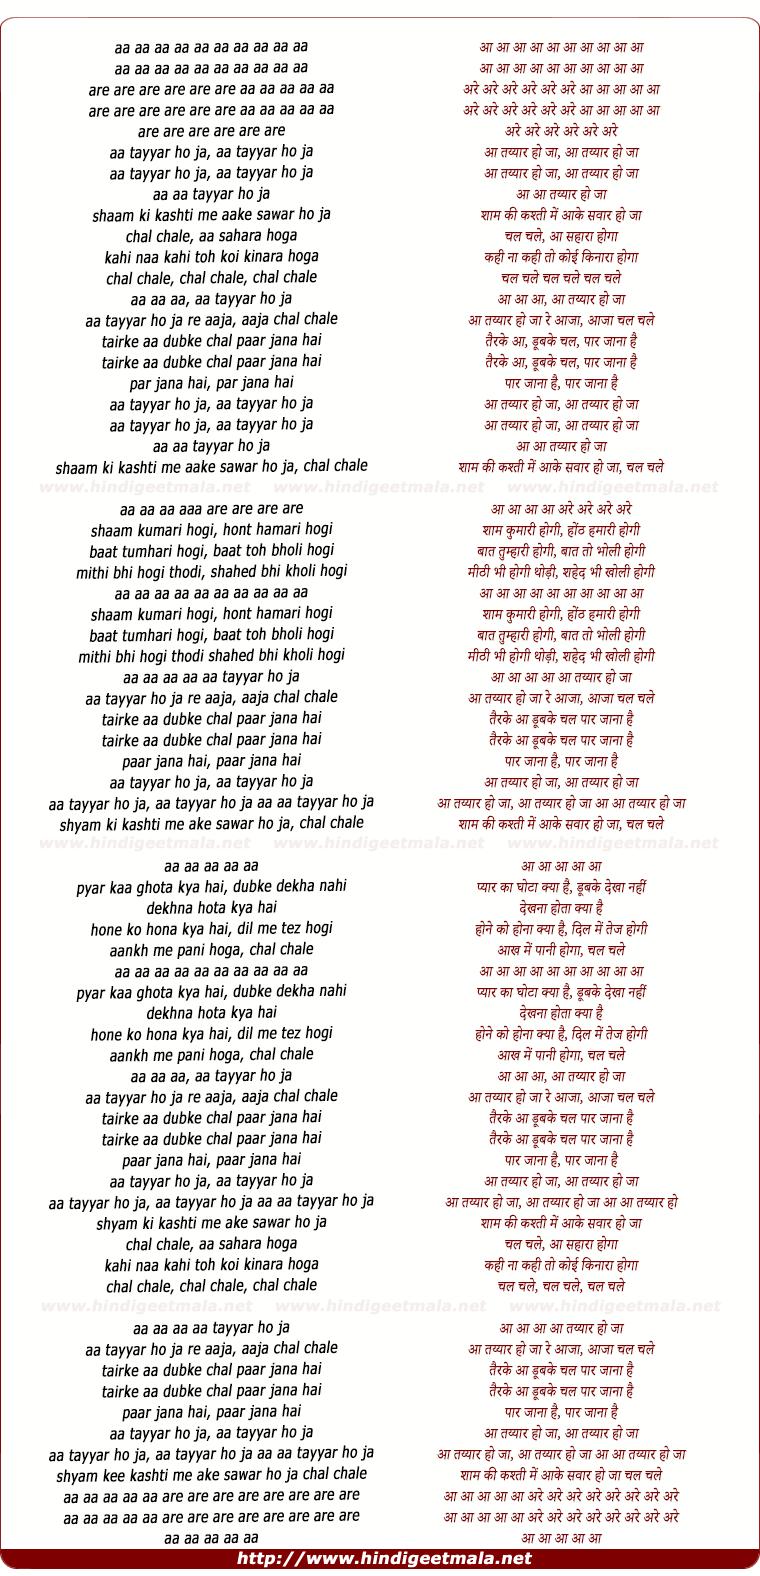 lyrics of song Aa Taiyar Ho Ja